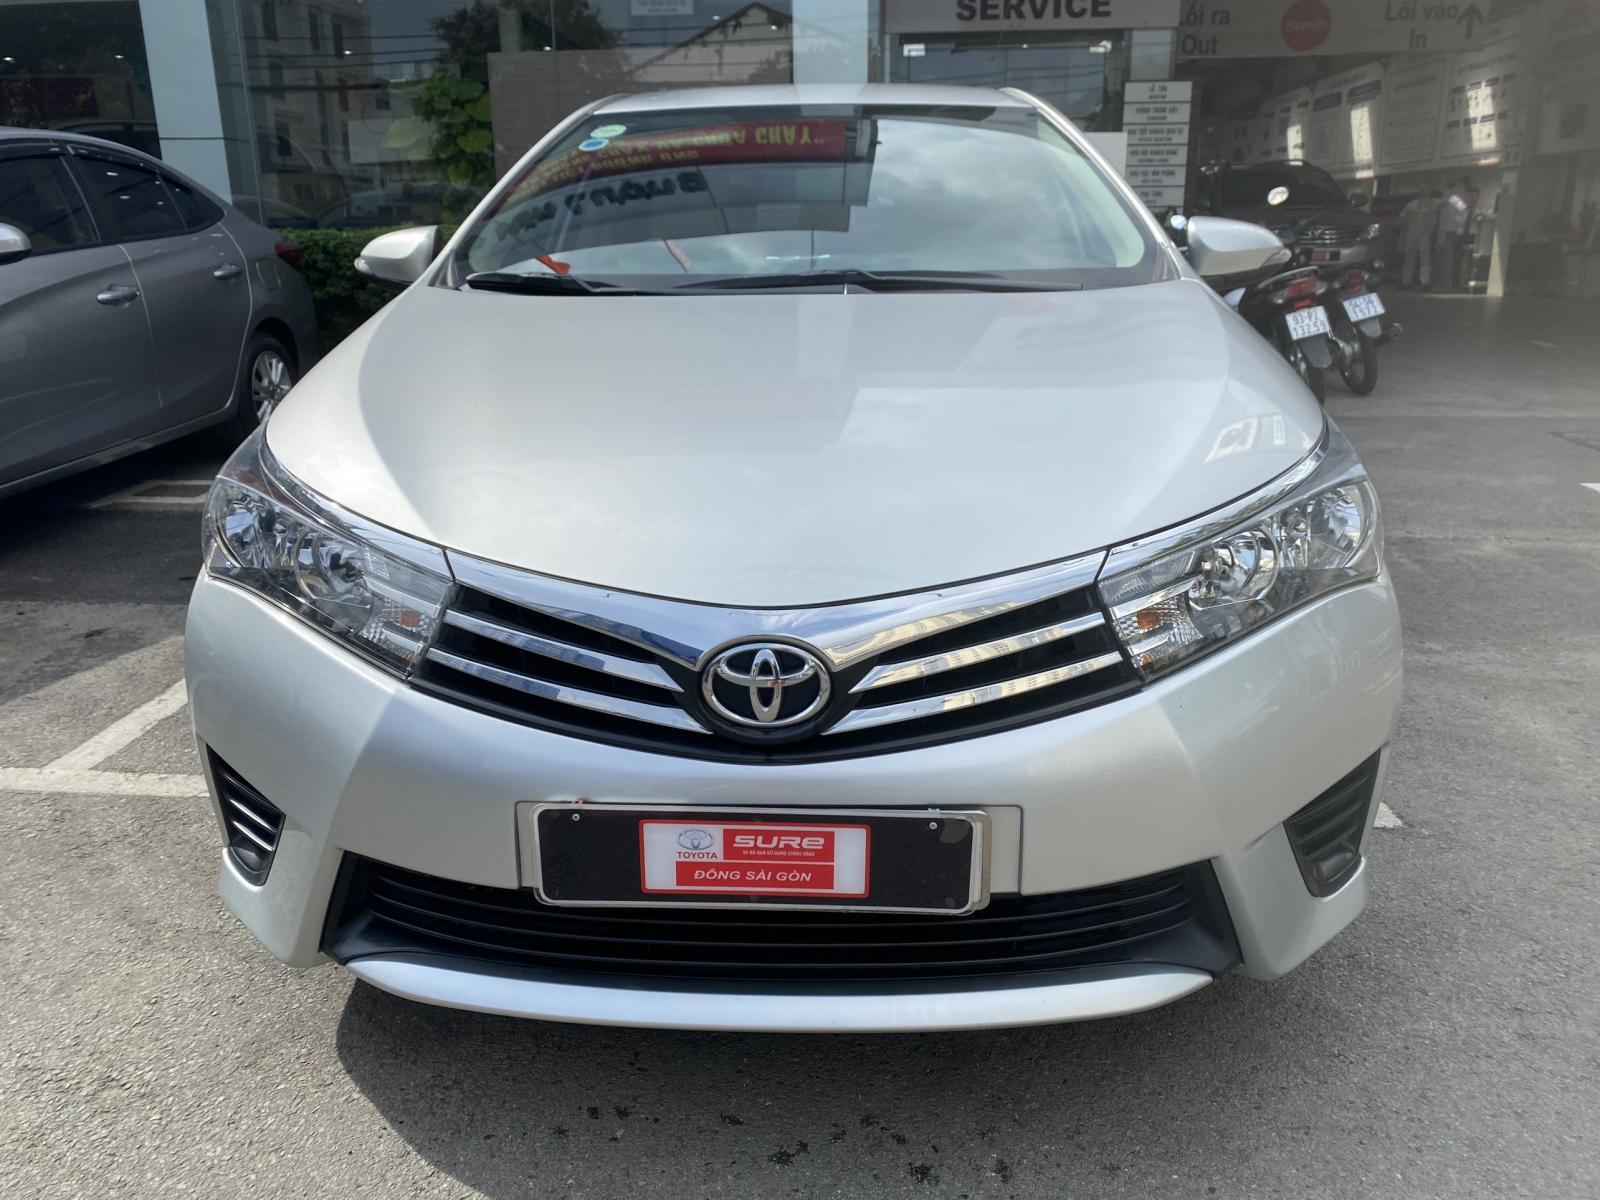 Cần bán gấp Toyota Corolla Altis 1.8G MT đời 2015, màu bạc, giá tốt